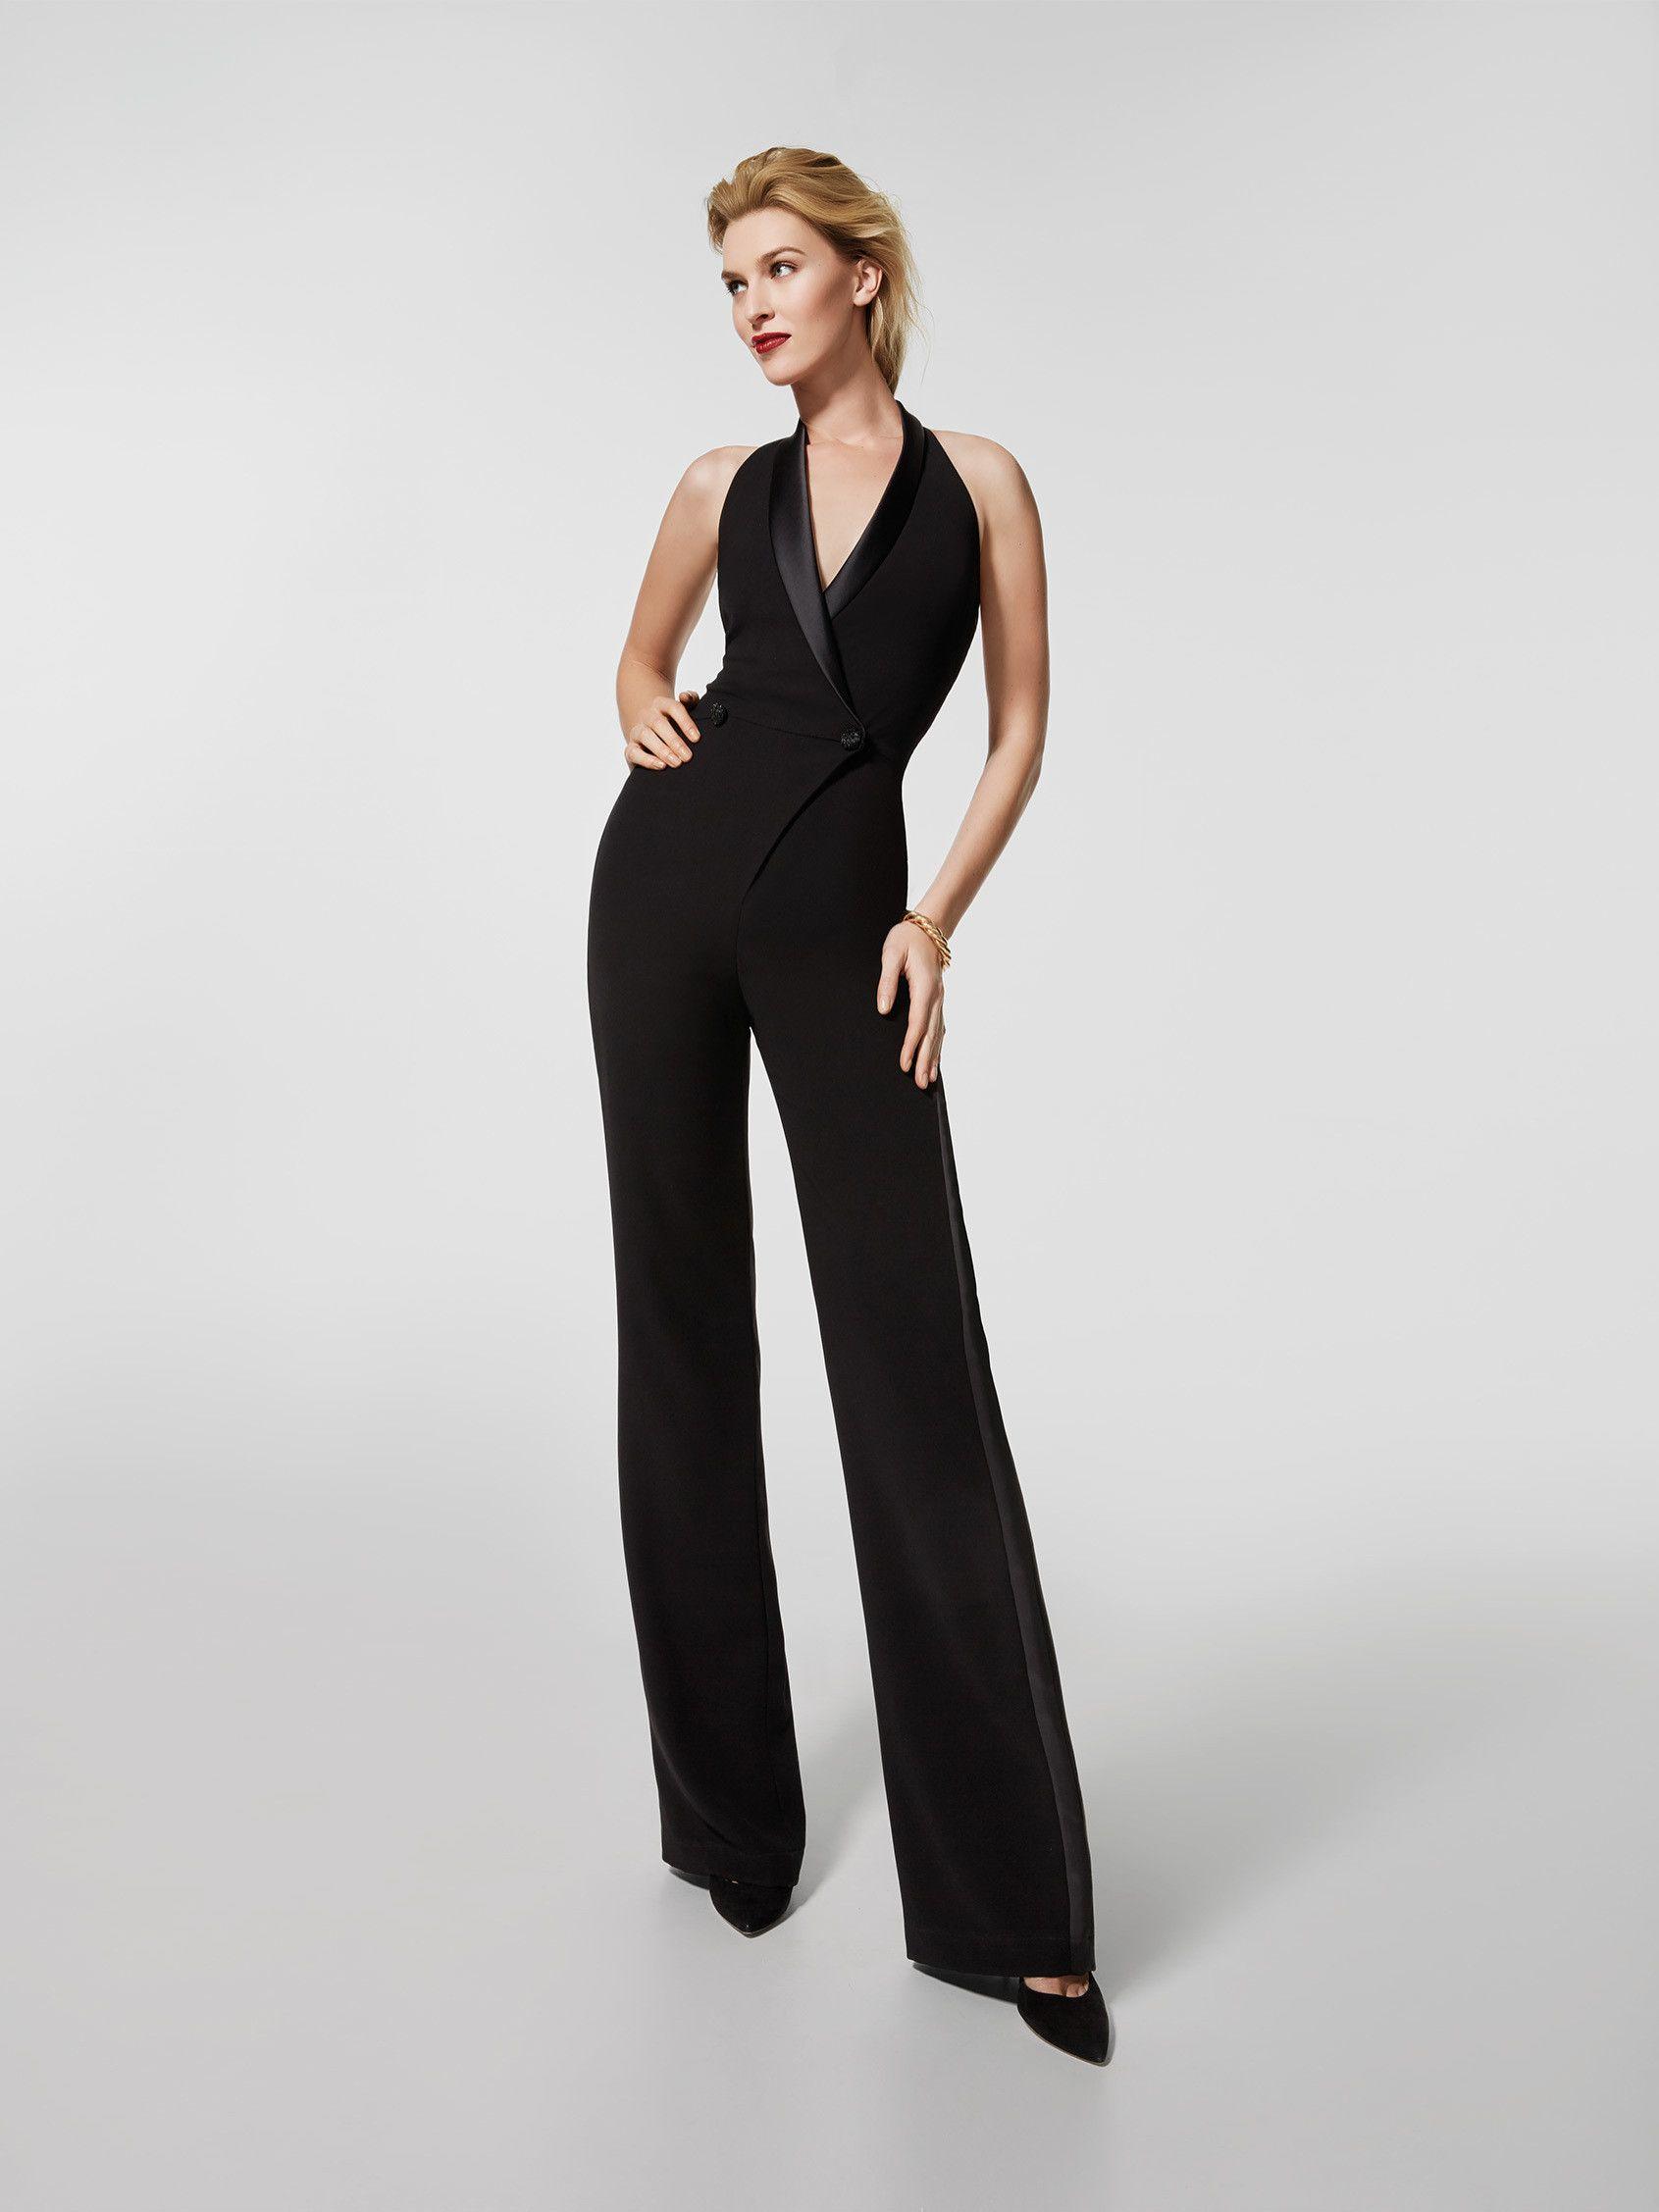 Vous recherchez une robe de soirée   Voici une combinaison noire (modèle  GLOSA) avec un décolleté de type croisé sur le devant et un dos nu à  l arrière. 1f05aa84735